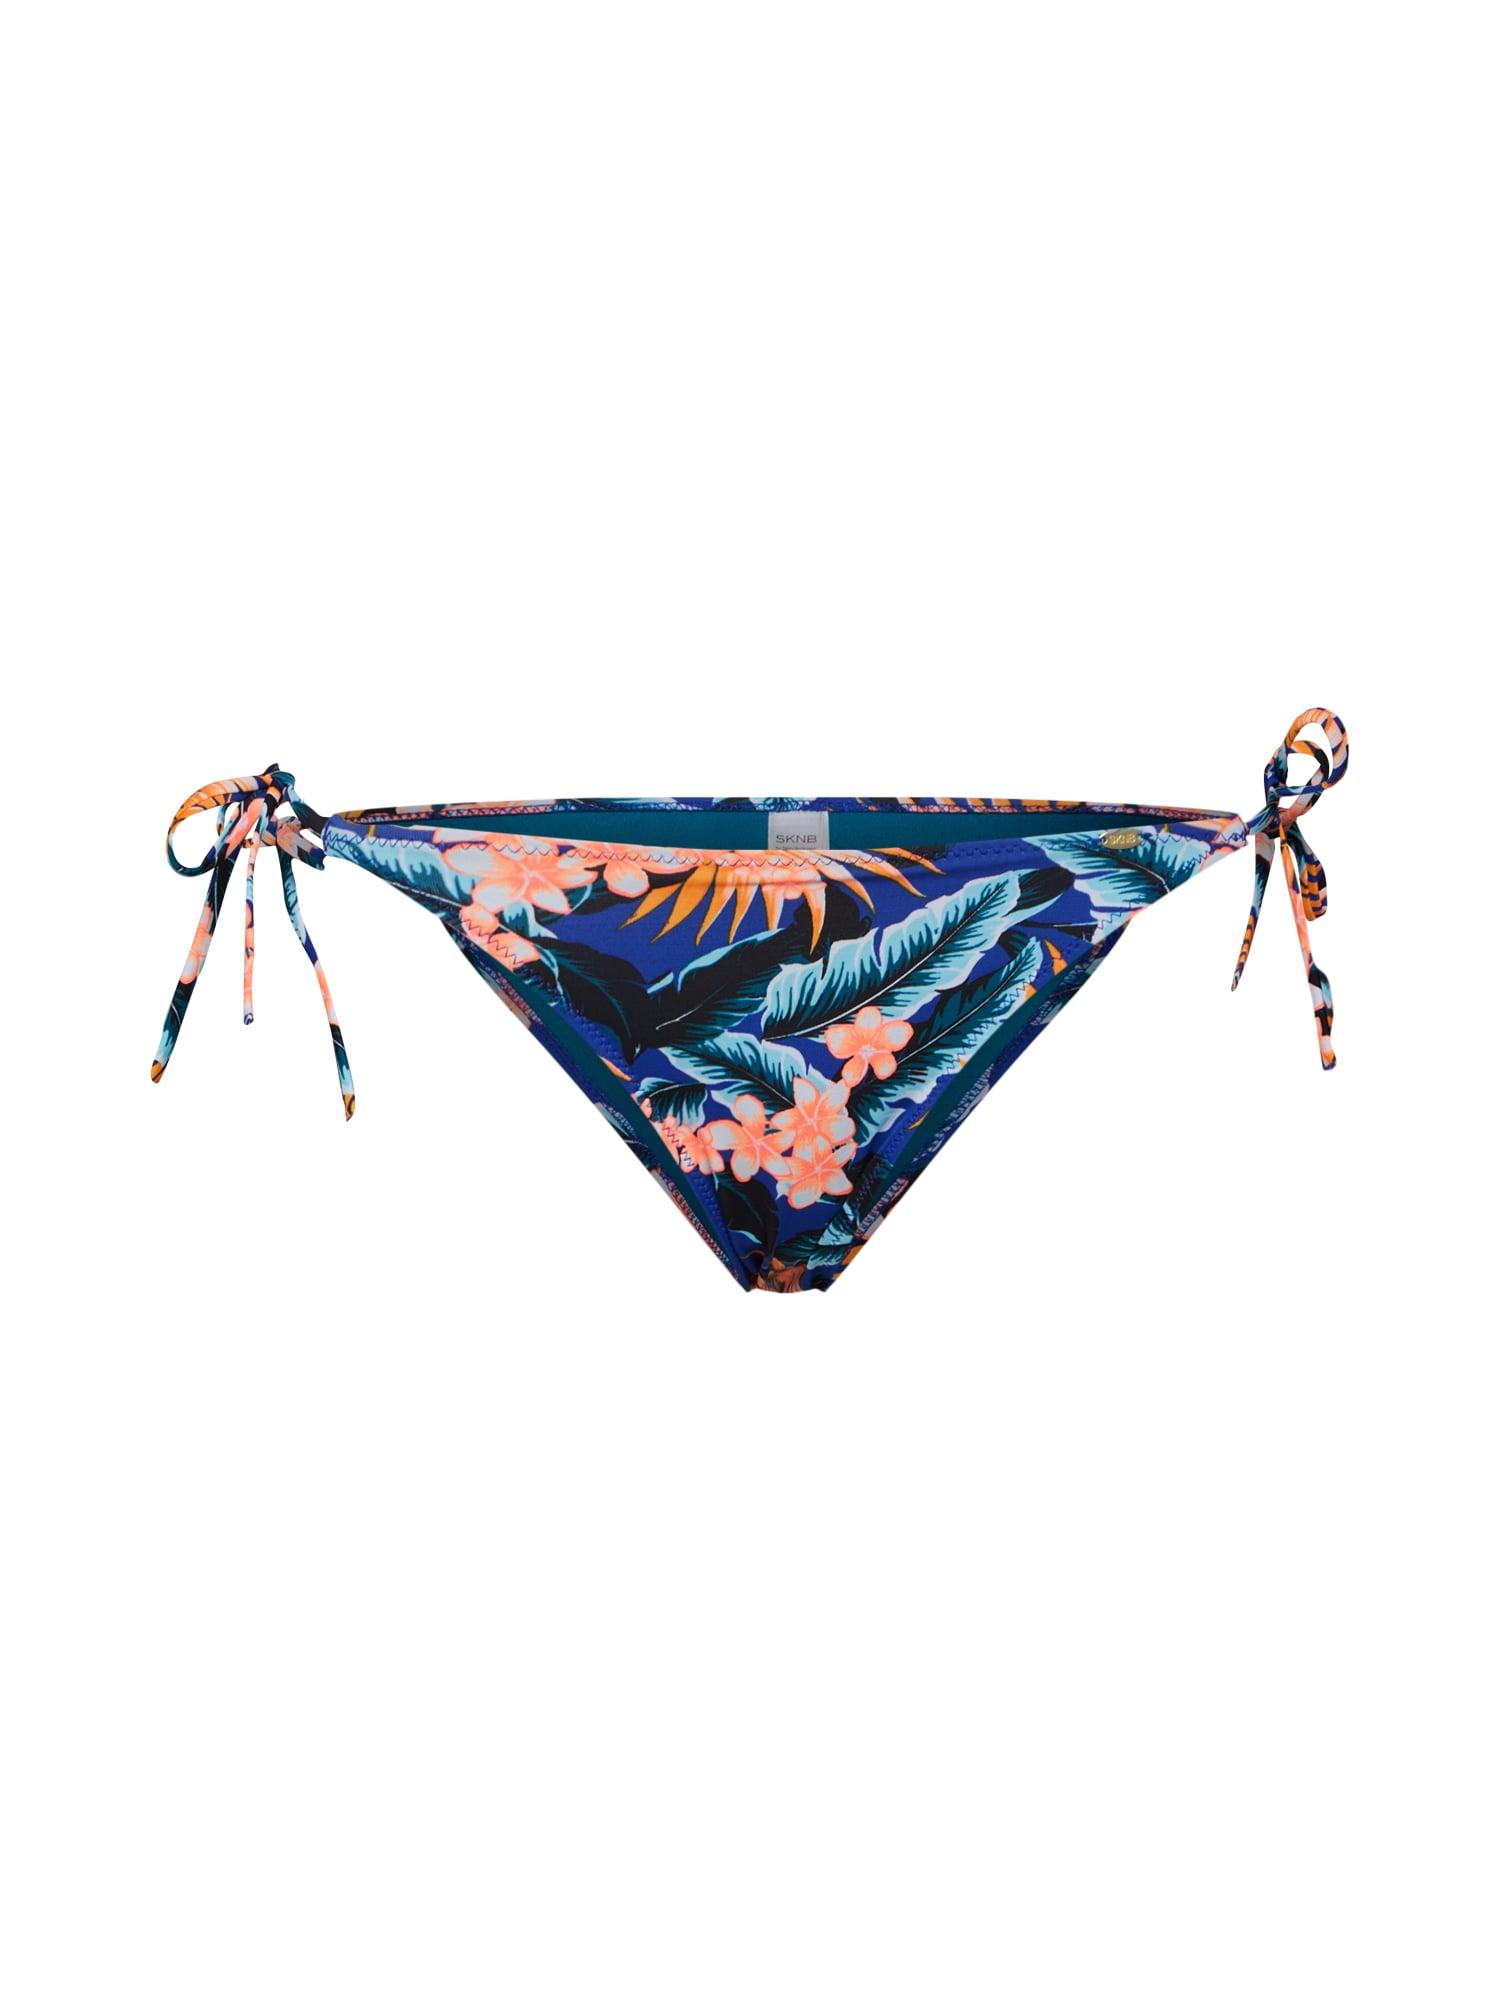 Spodní díl plavek Aloha modrá mix barev Skiny